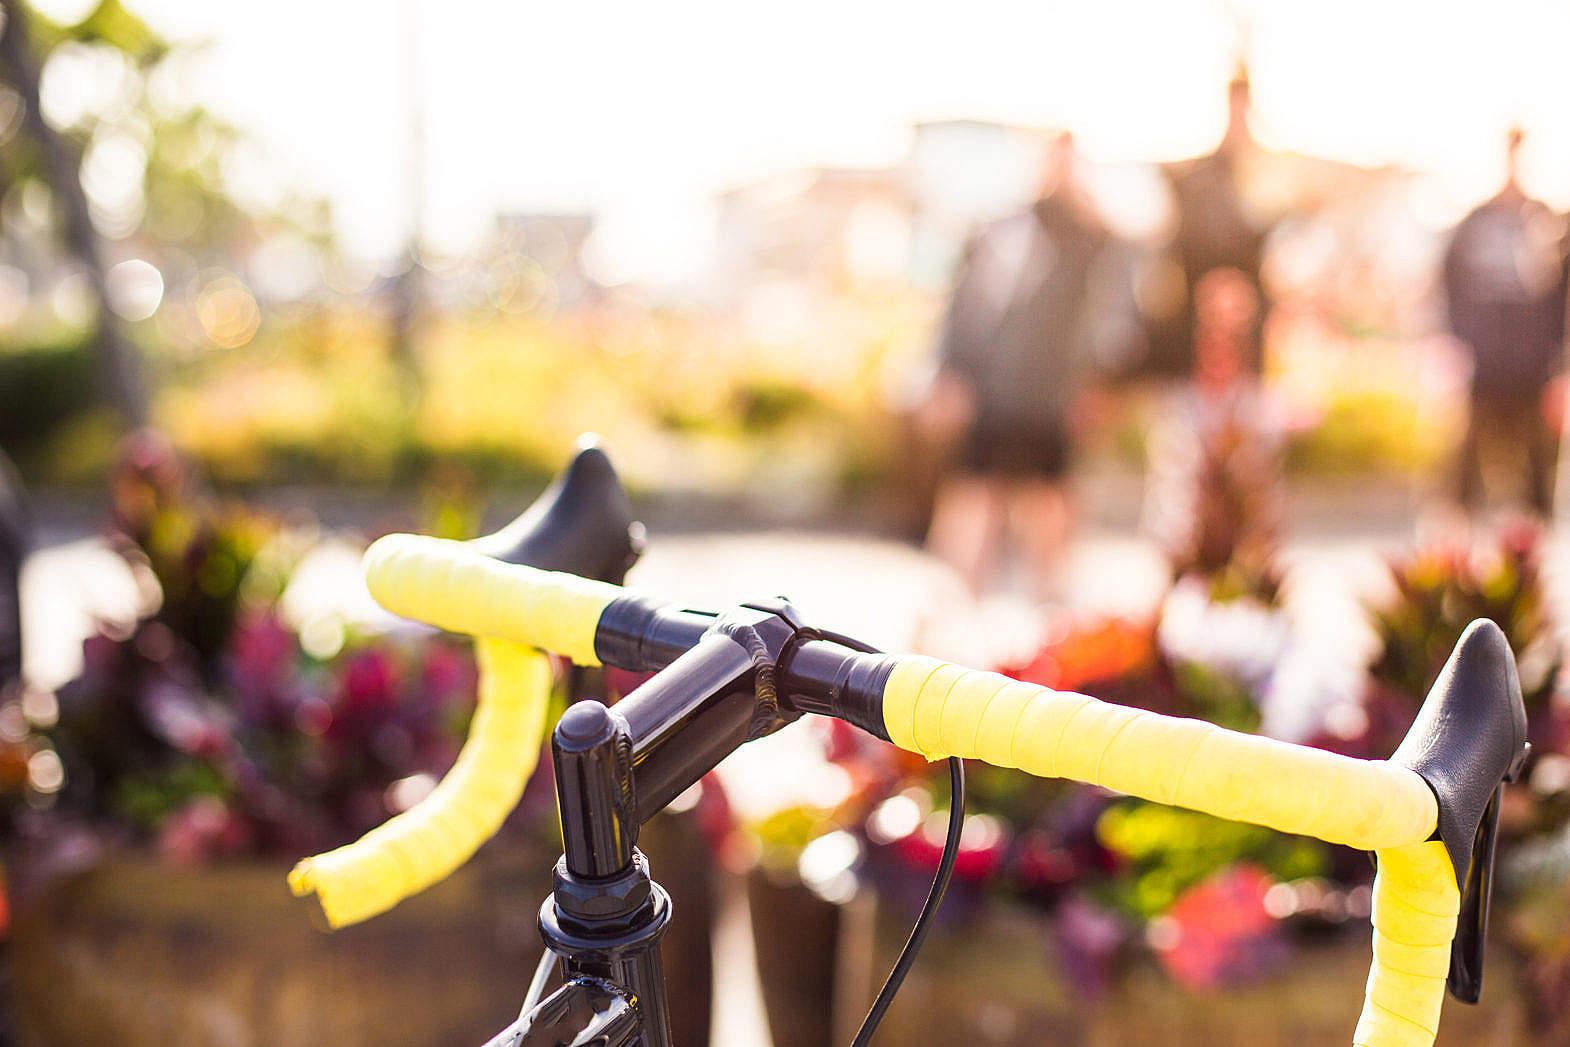 2. 不管是腳踏車駕駛者或是搭乘者一律須佩戴安全帽,而首爾的公共租借單位置,都會提供安全帽免費借用服務。